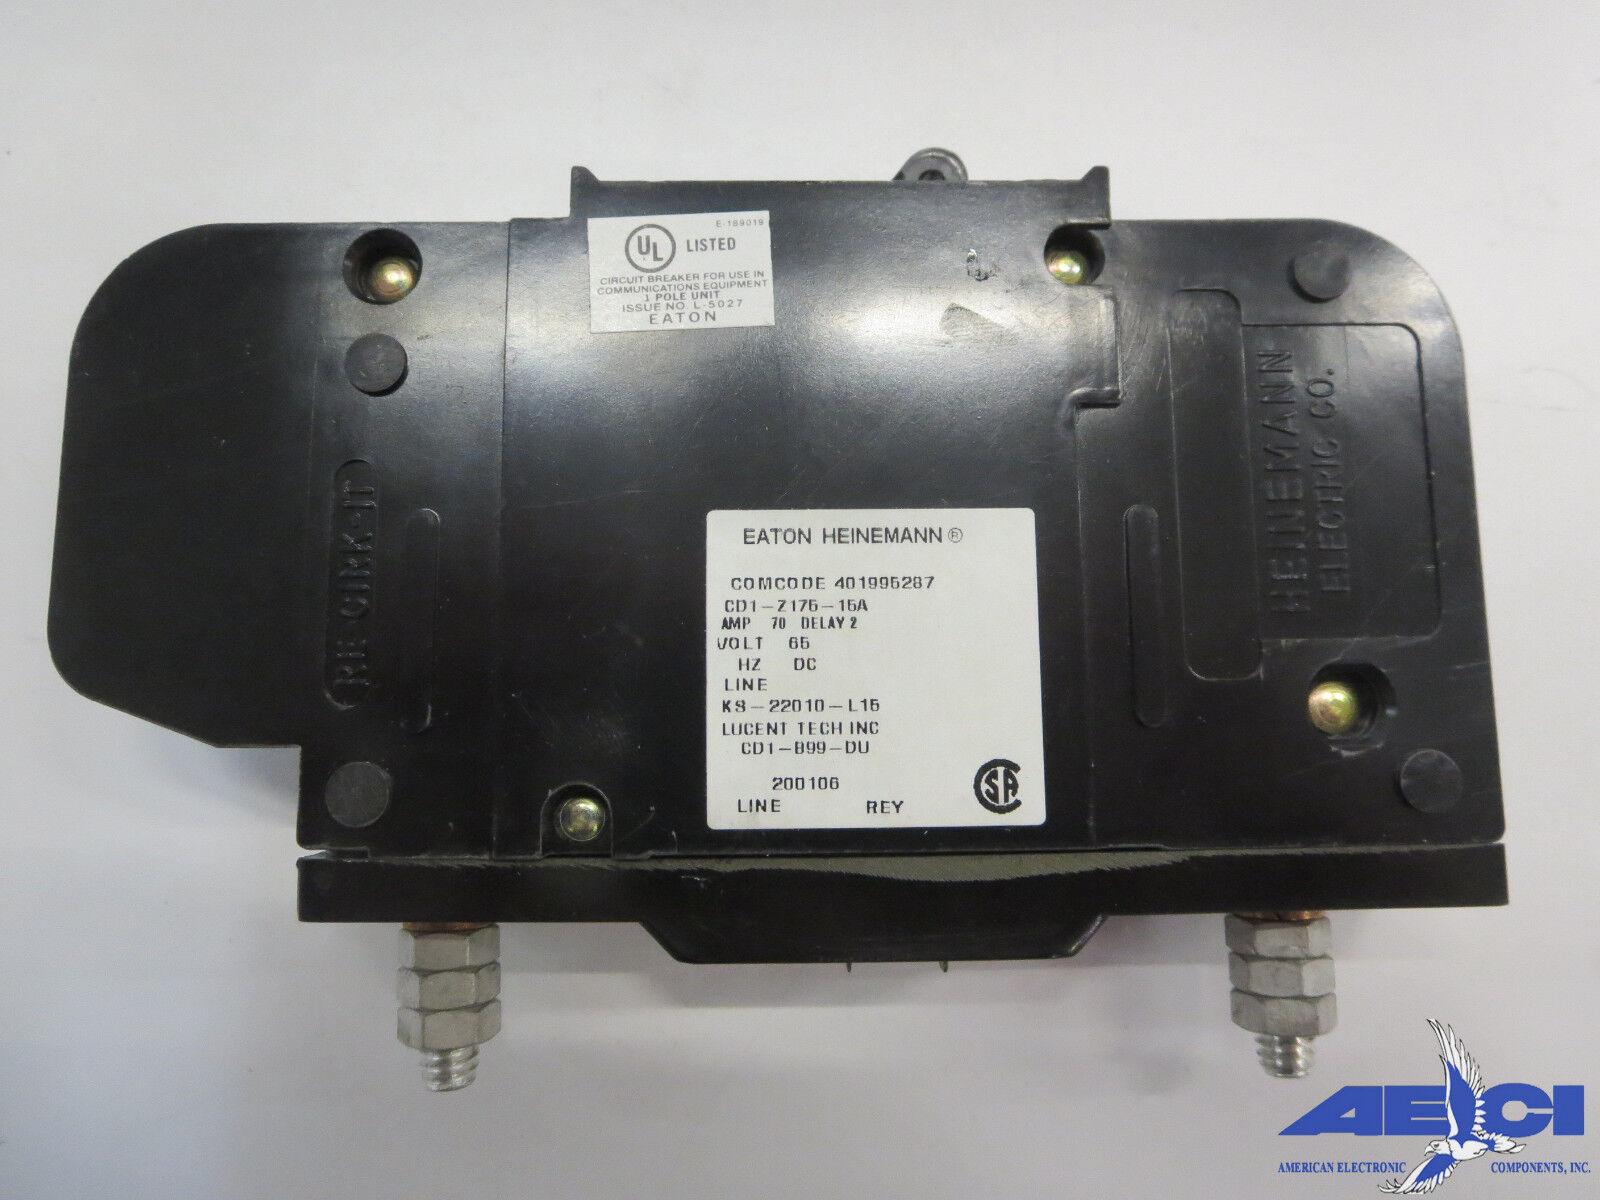 Used Heinemann Eaton KD1-15.0 Amp - Lot of 2